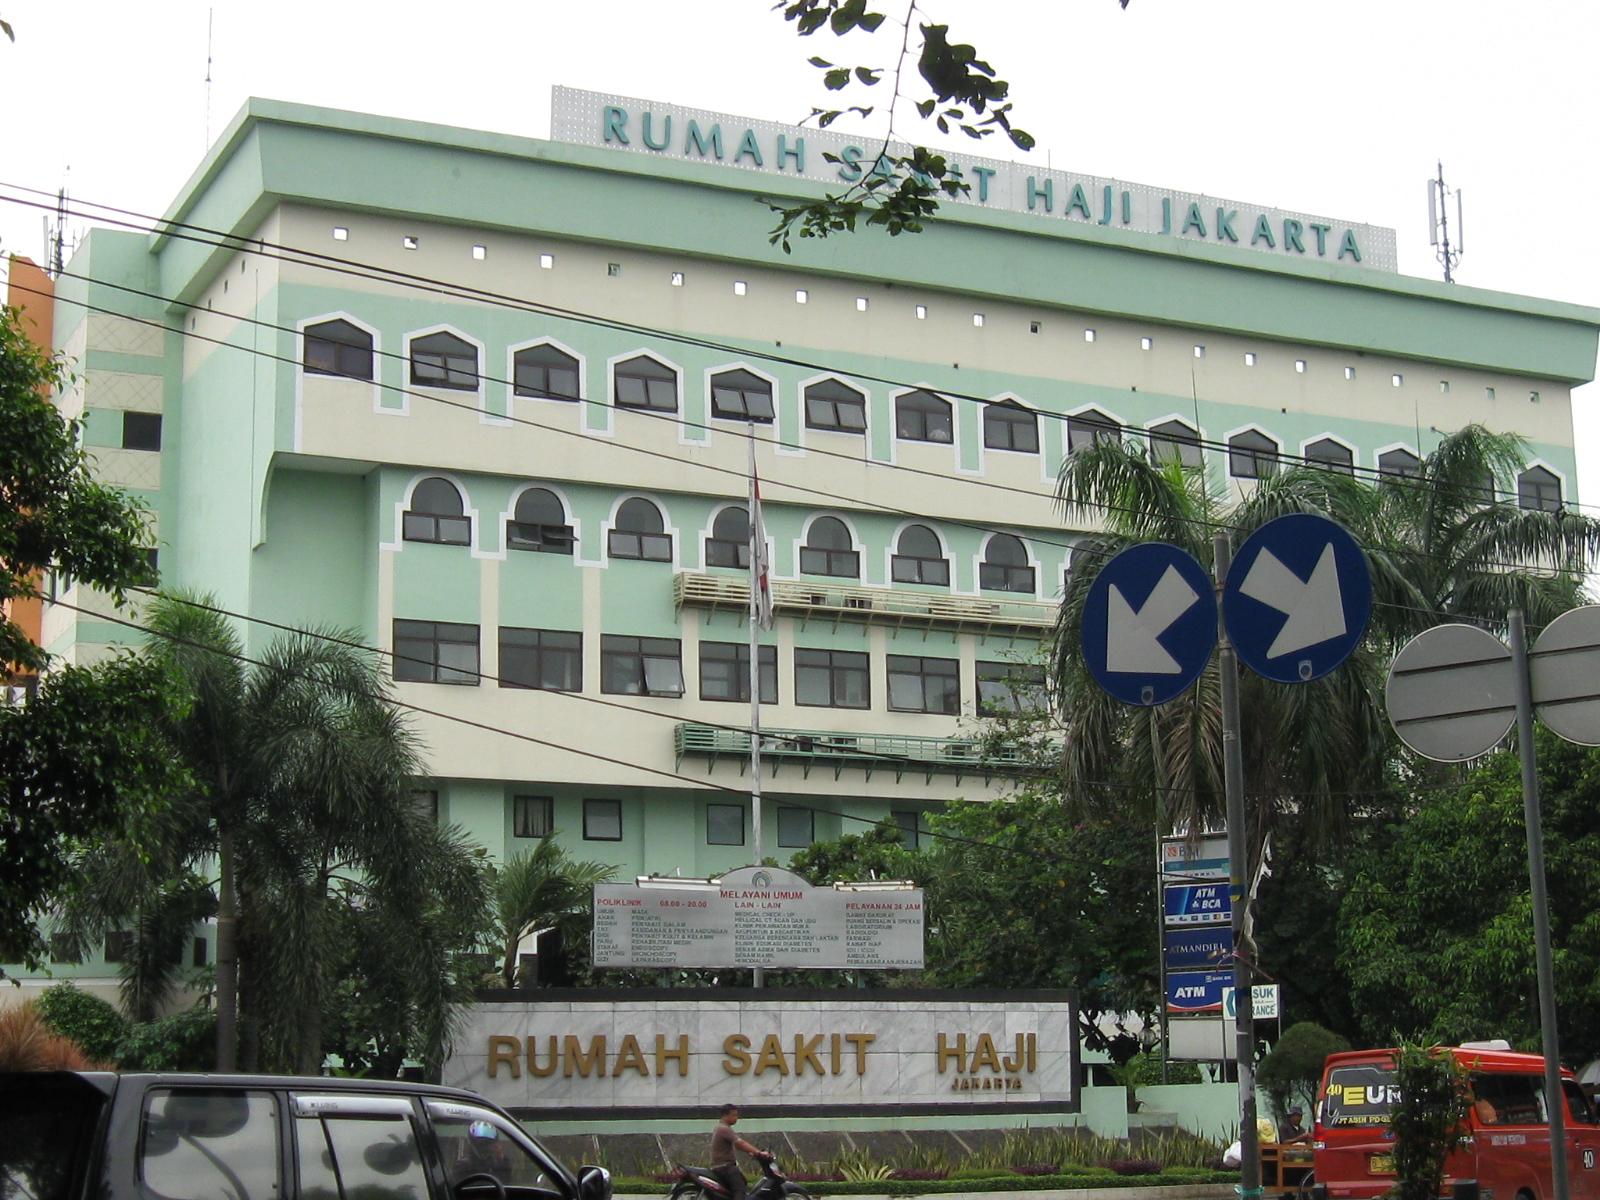 Berkas Rumah Sakit Haji Jakarta Jpg Wikipedia Bahasa Indonesia